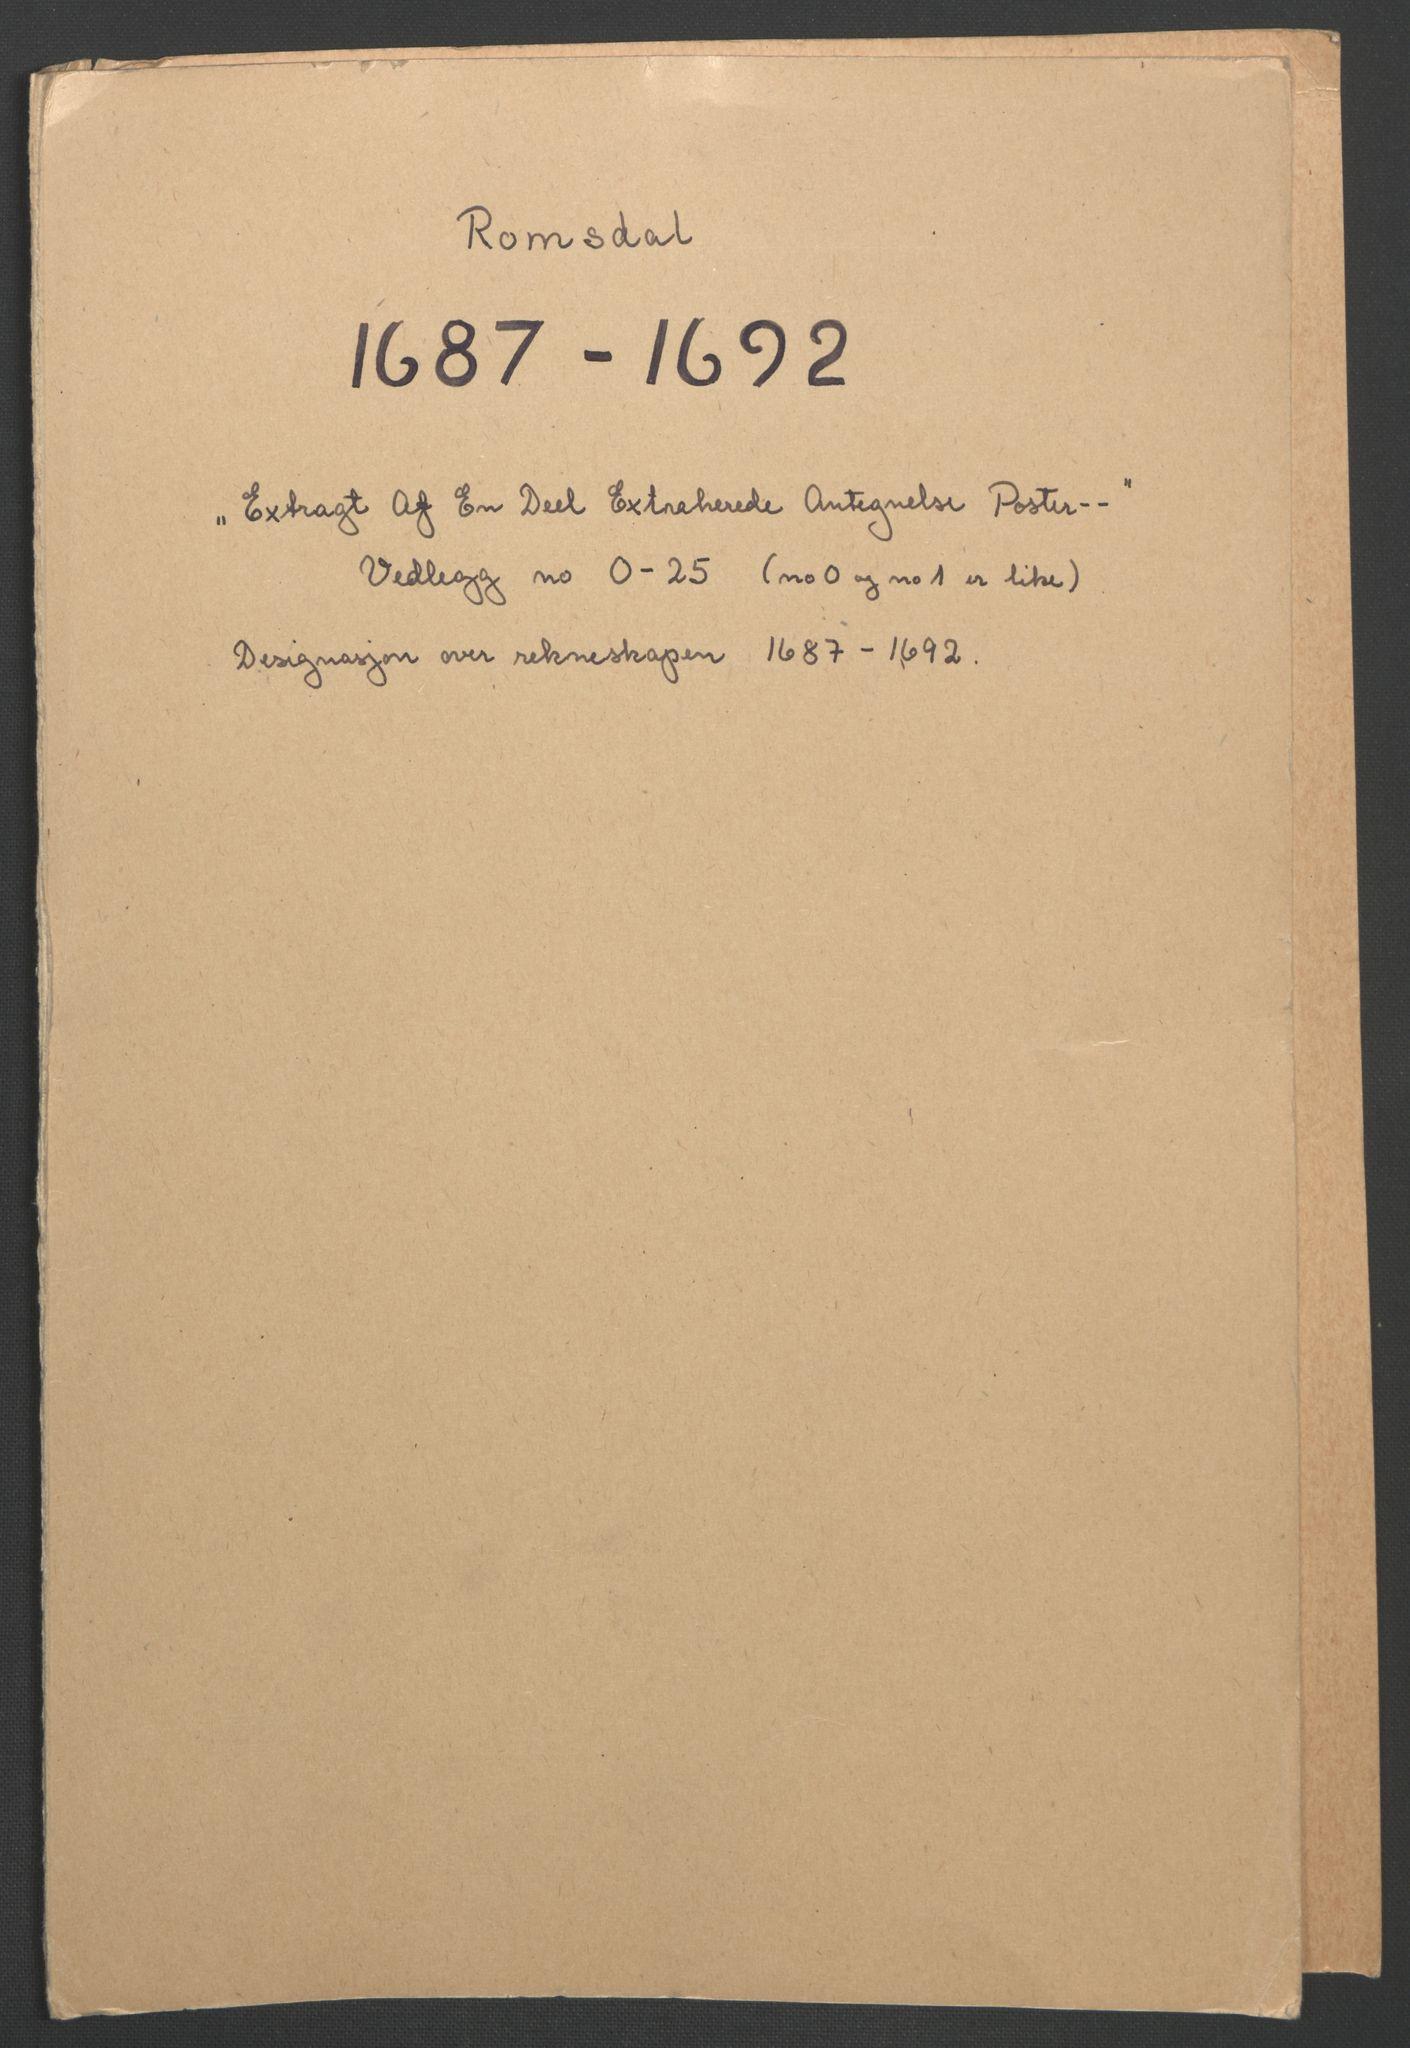 RA, Rentekammeret inntil 1814, Reviderte regnskaper, Fogderegnskap, R55/L3650: Fogderegnskap Romsdal, 1692, s. 220